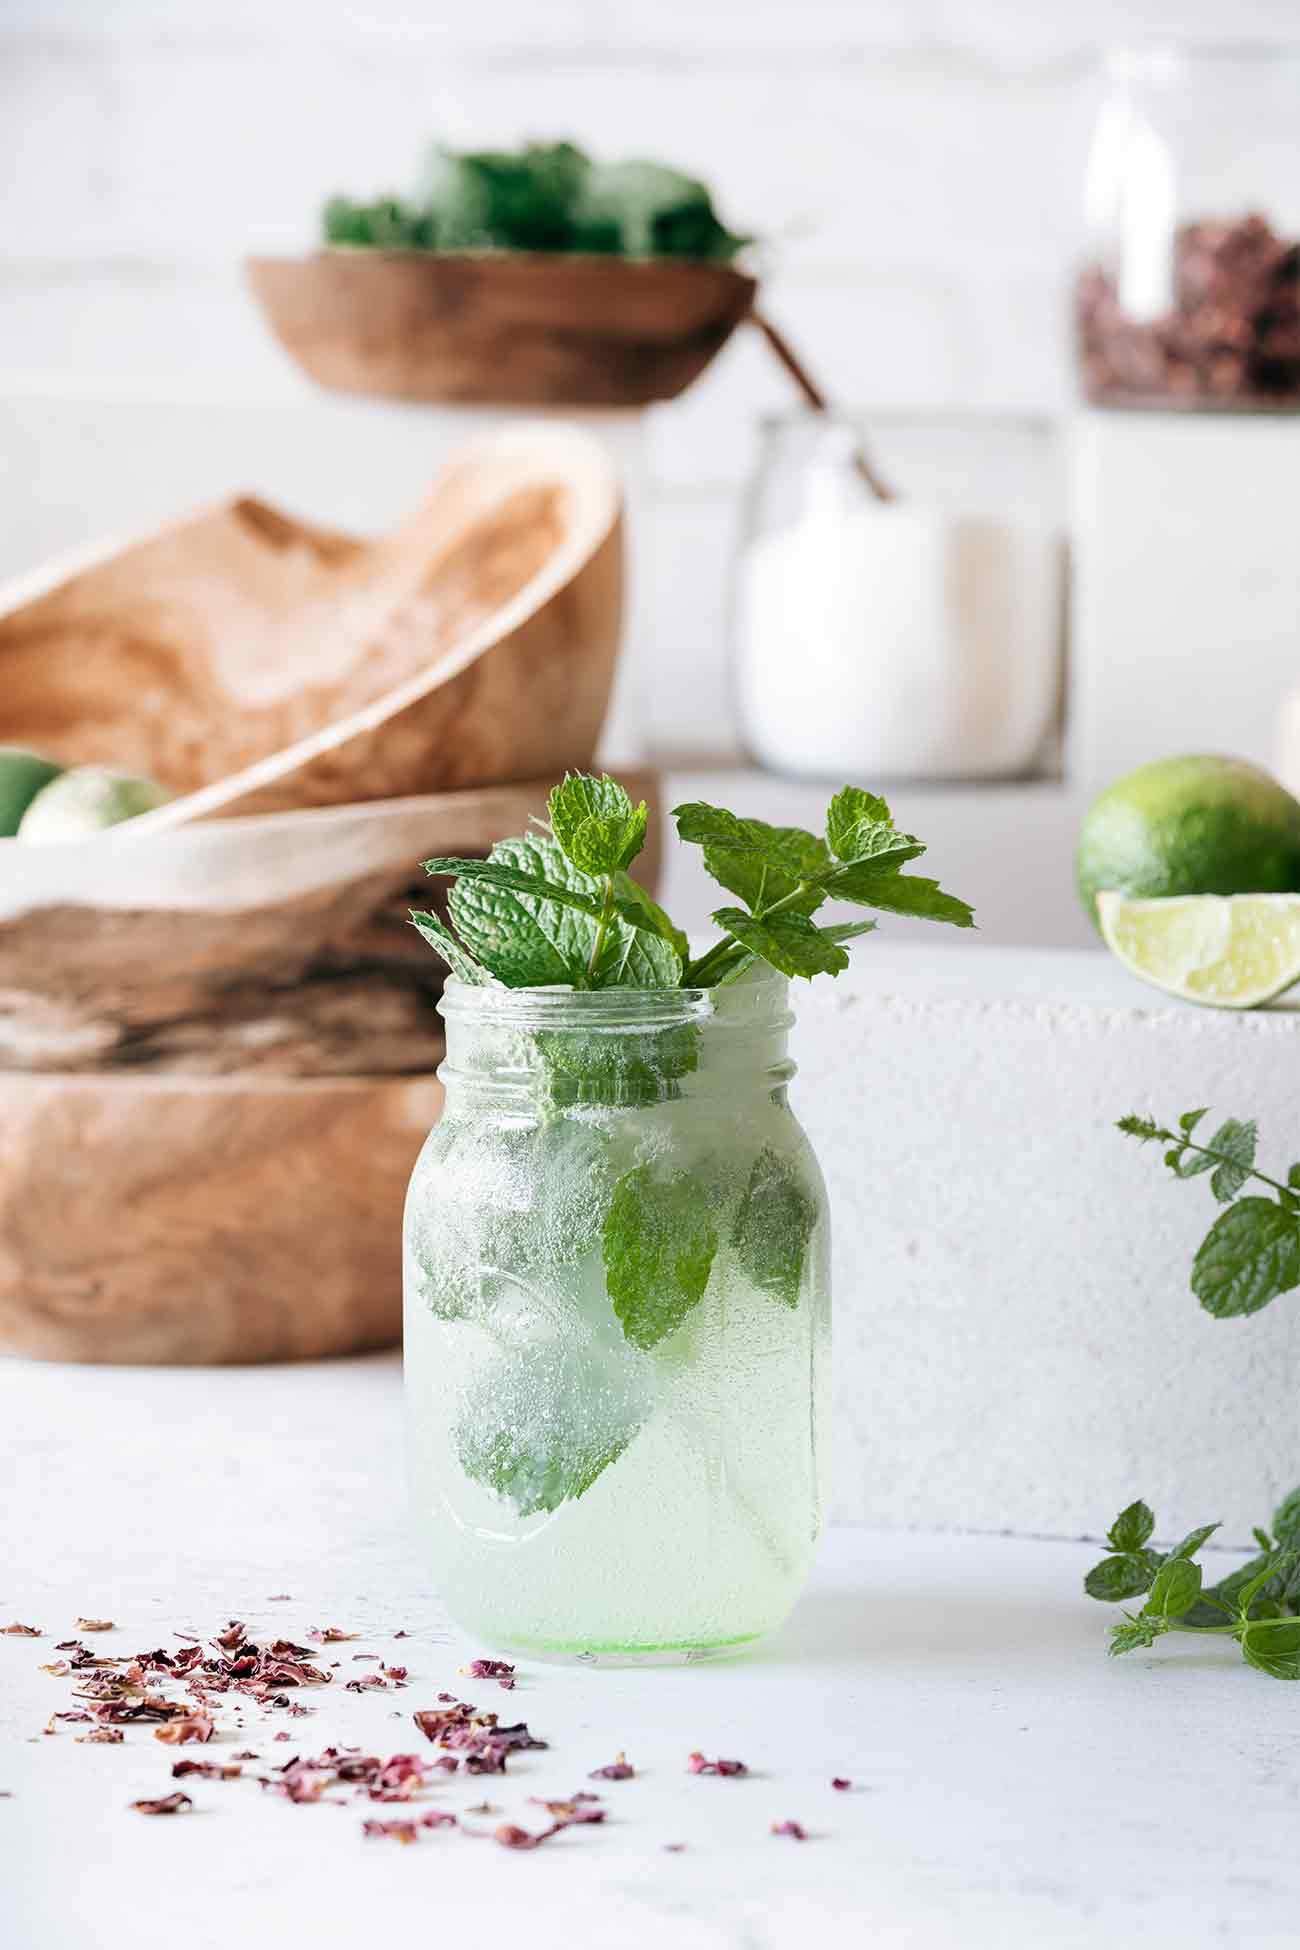 In Indien ist Gulab Sharbat schon längst ein Trend-Getränk, doch der erfrischende Drink aus Rosenwasser, Minze und Limette wird sicherlich auch schnell unsere Herzen erobern. Das Original ist meist sehr süß und rot eingefärbt und die Rezeptvariationen sind unendlich. Für die QVC-Lieblingsküche habe ich weniger Zucker genommen und auf künstliche Farbstoffe verzichtet